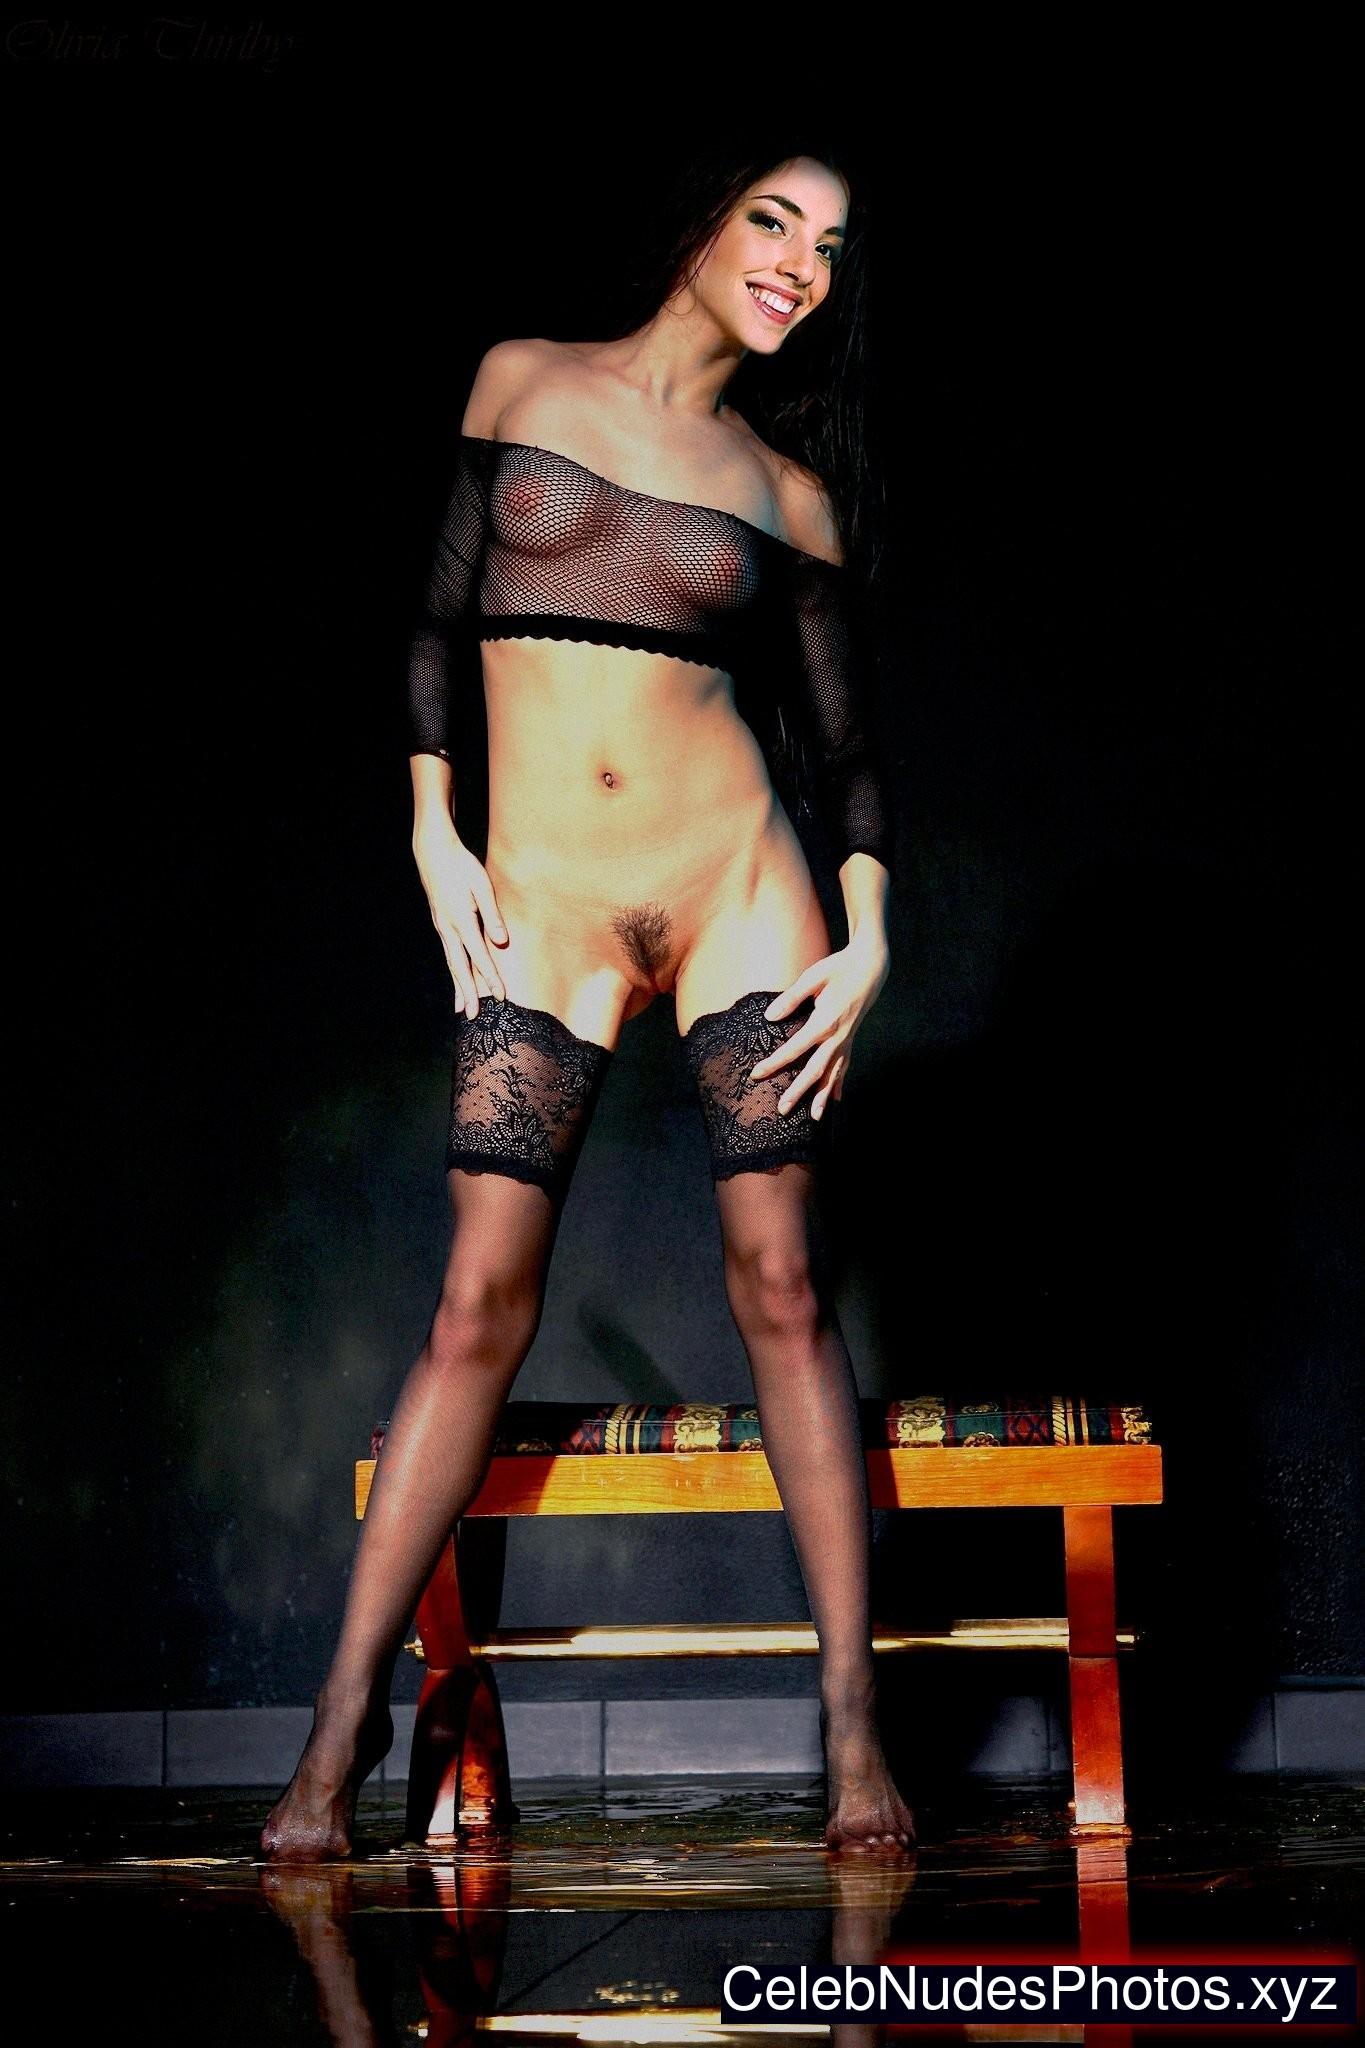 olivia thirlby naked pics